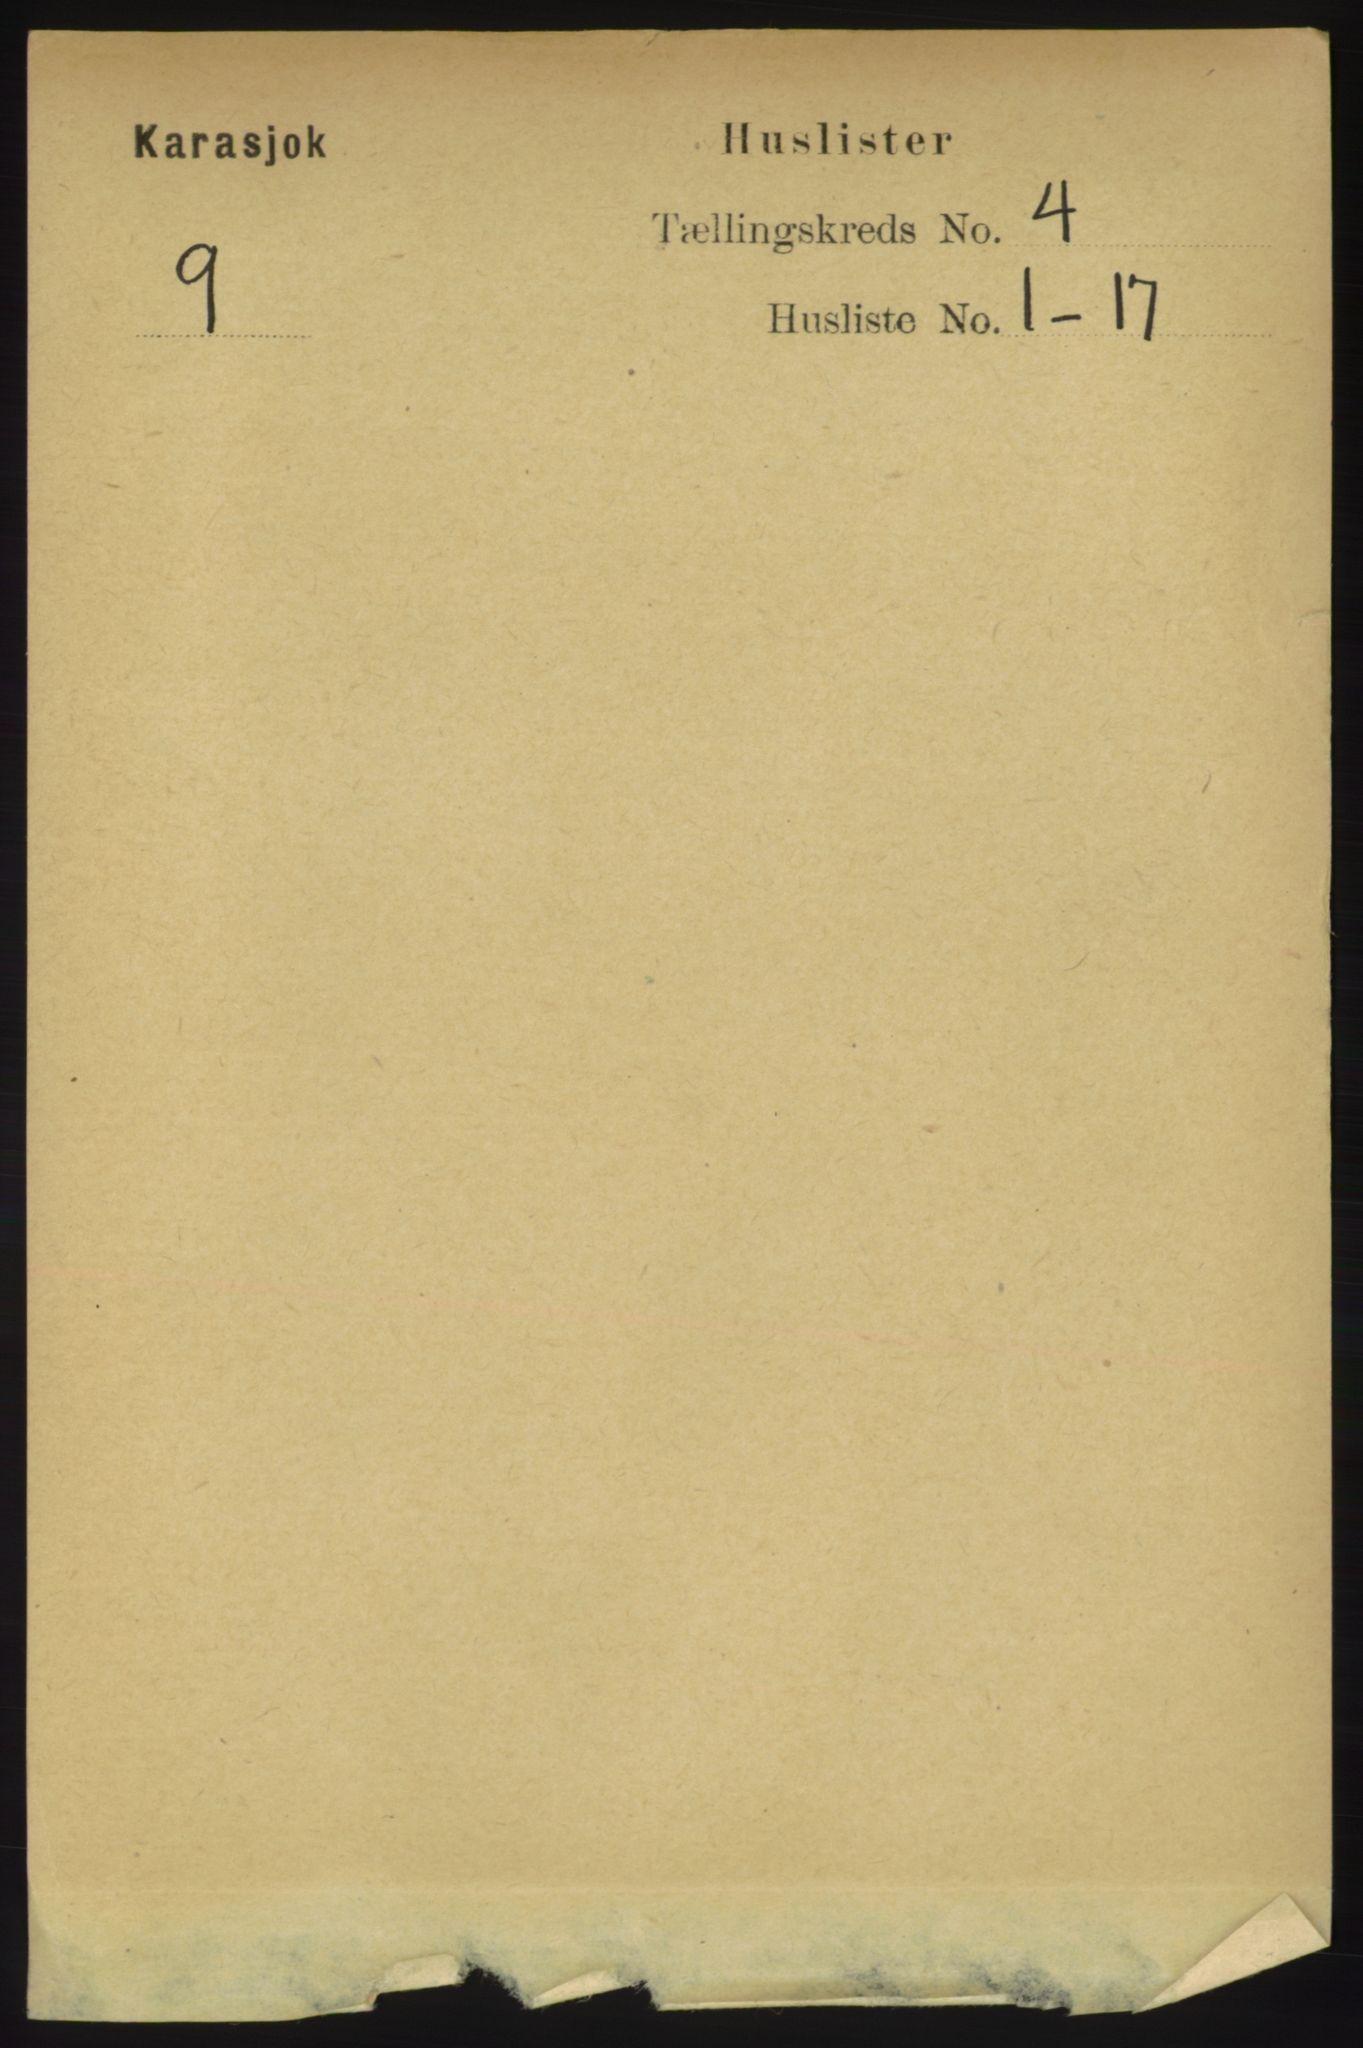 RA, Folketelling 1891 for 2021 Karasjok herred, 1891, s. 674